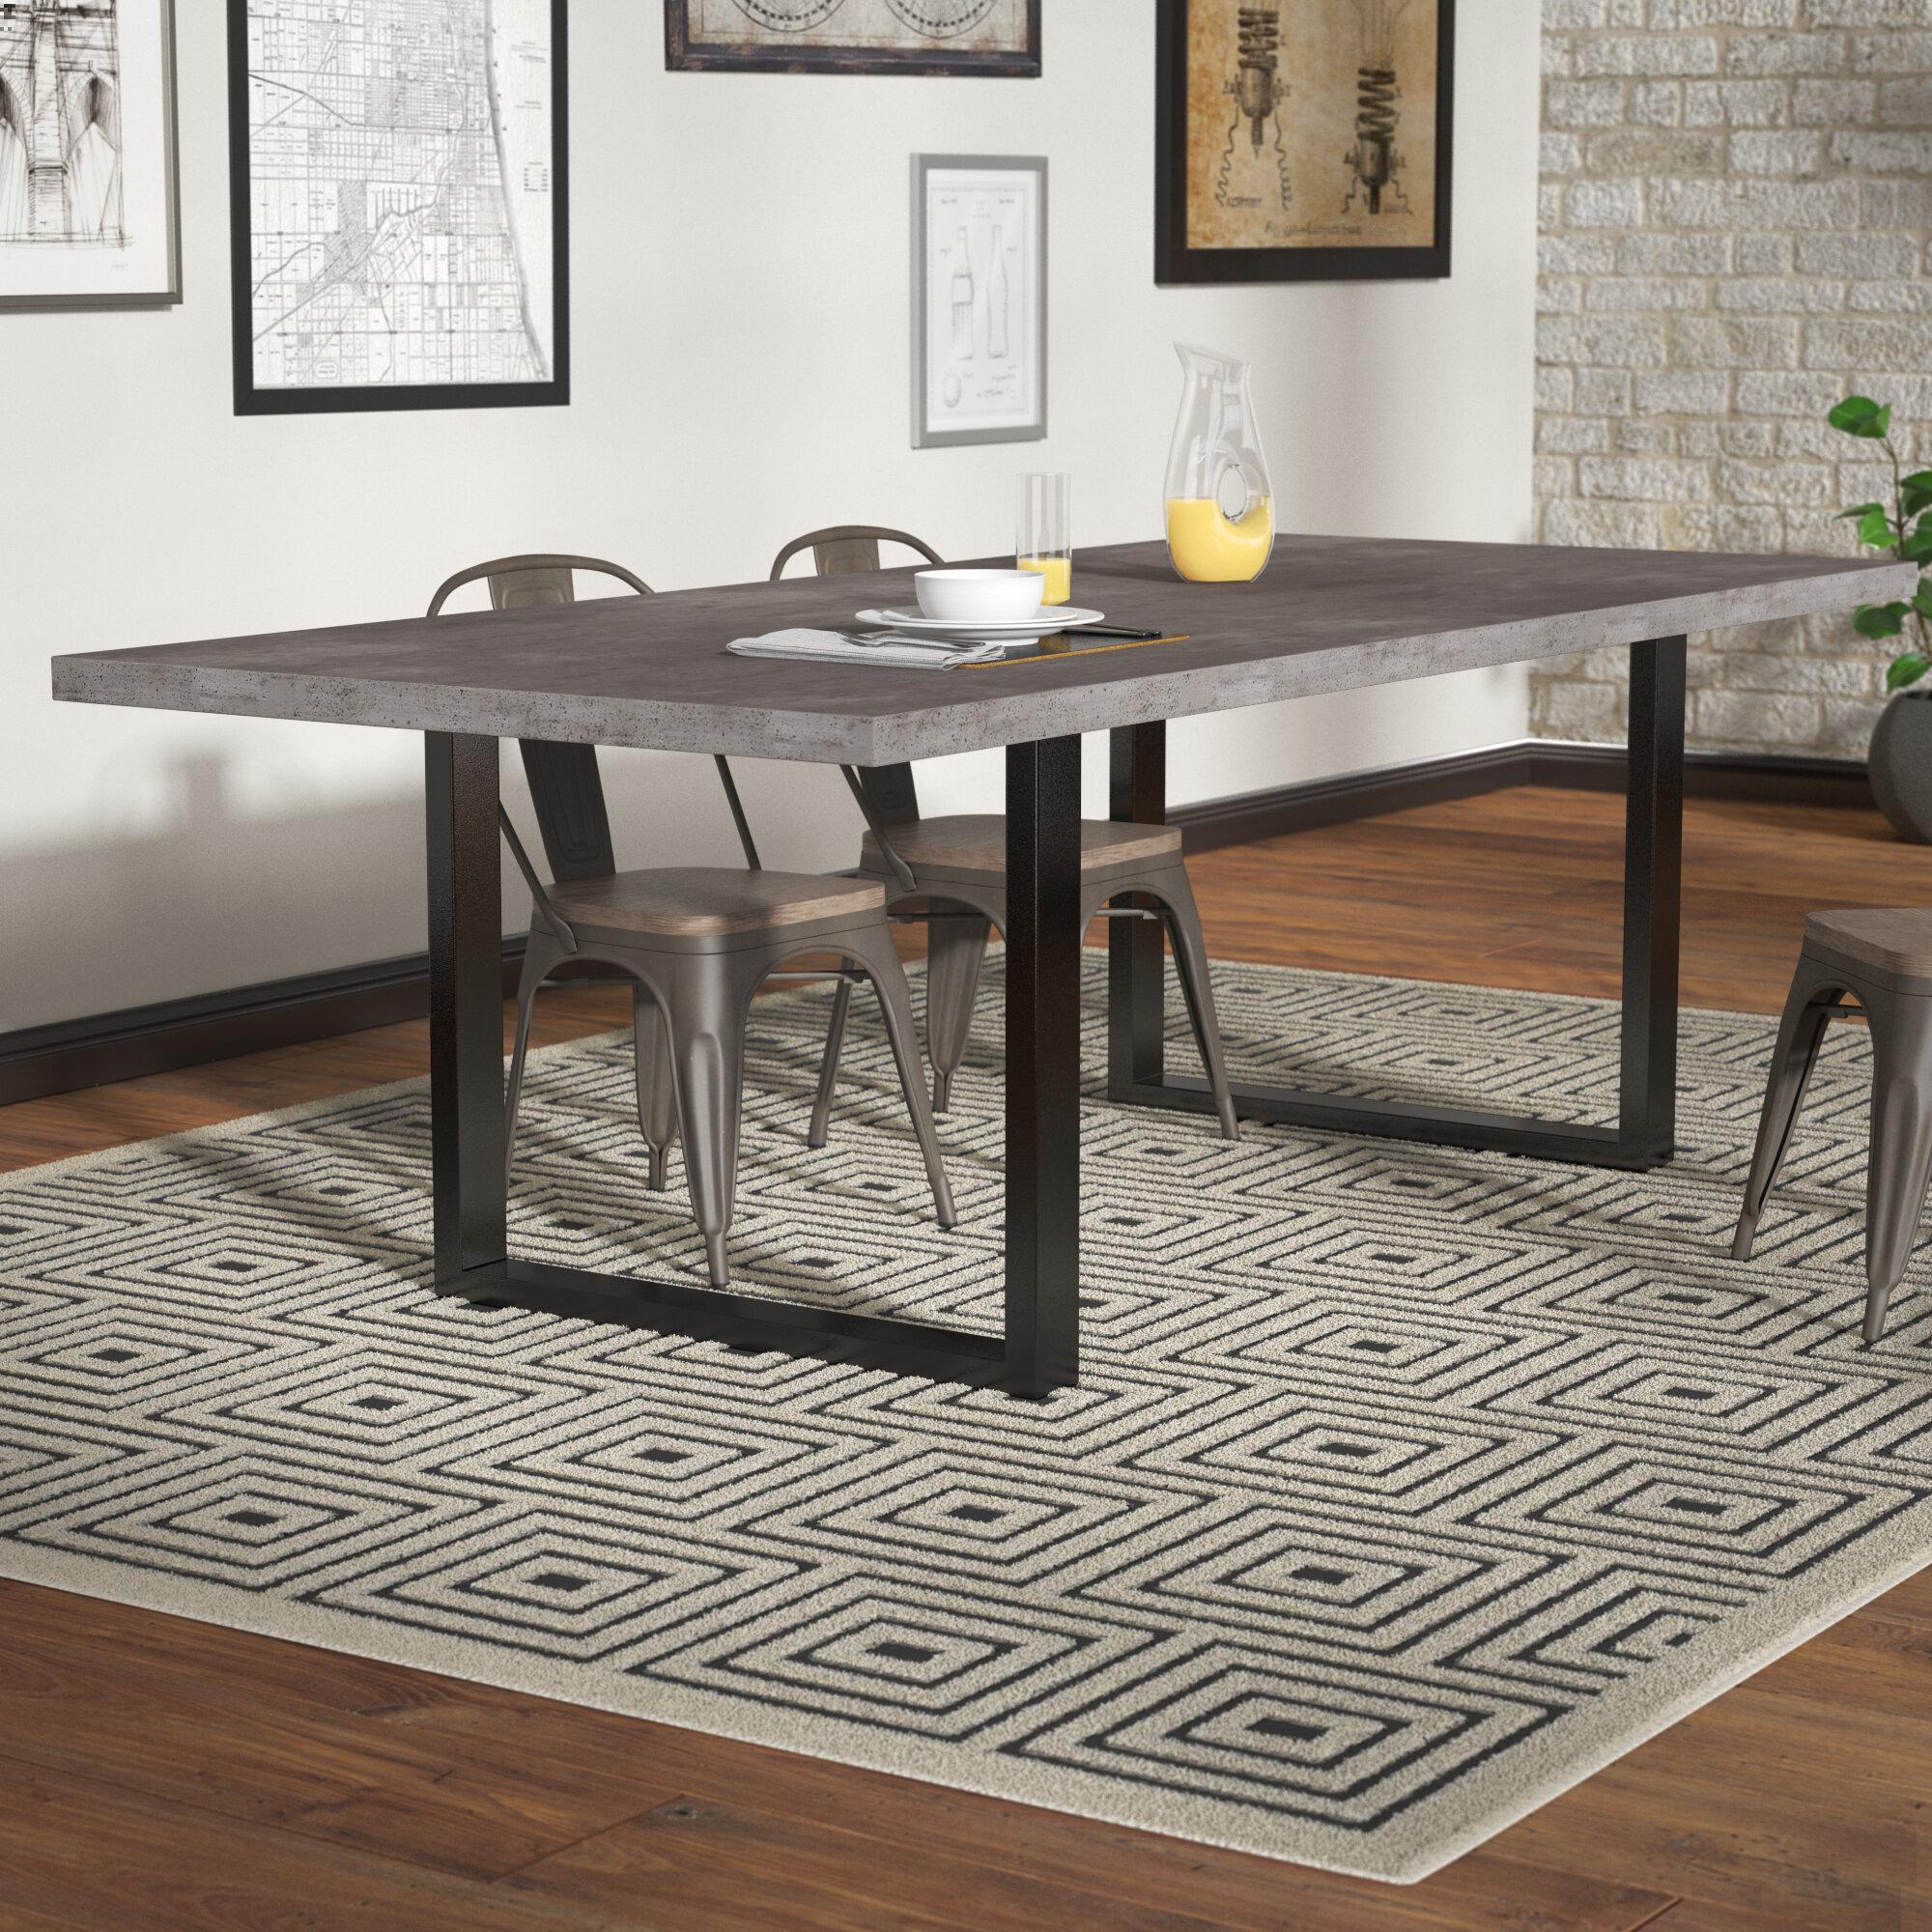 Trent austin design carnarvon concrete dining table reviews wayfair